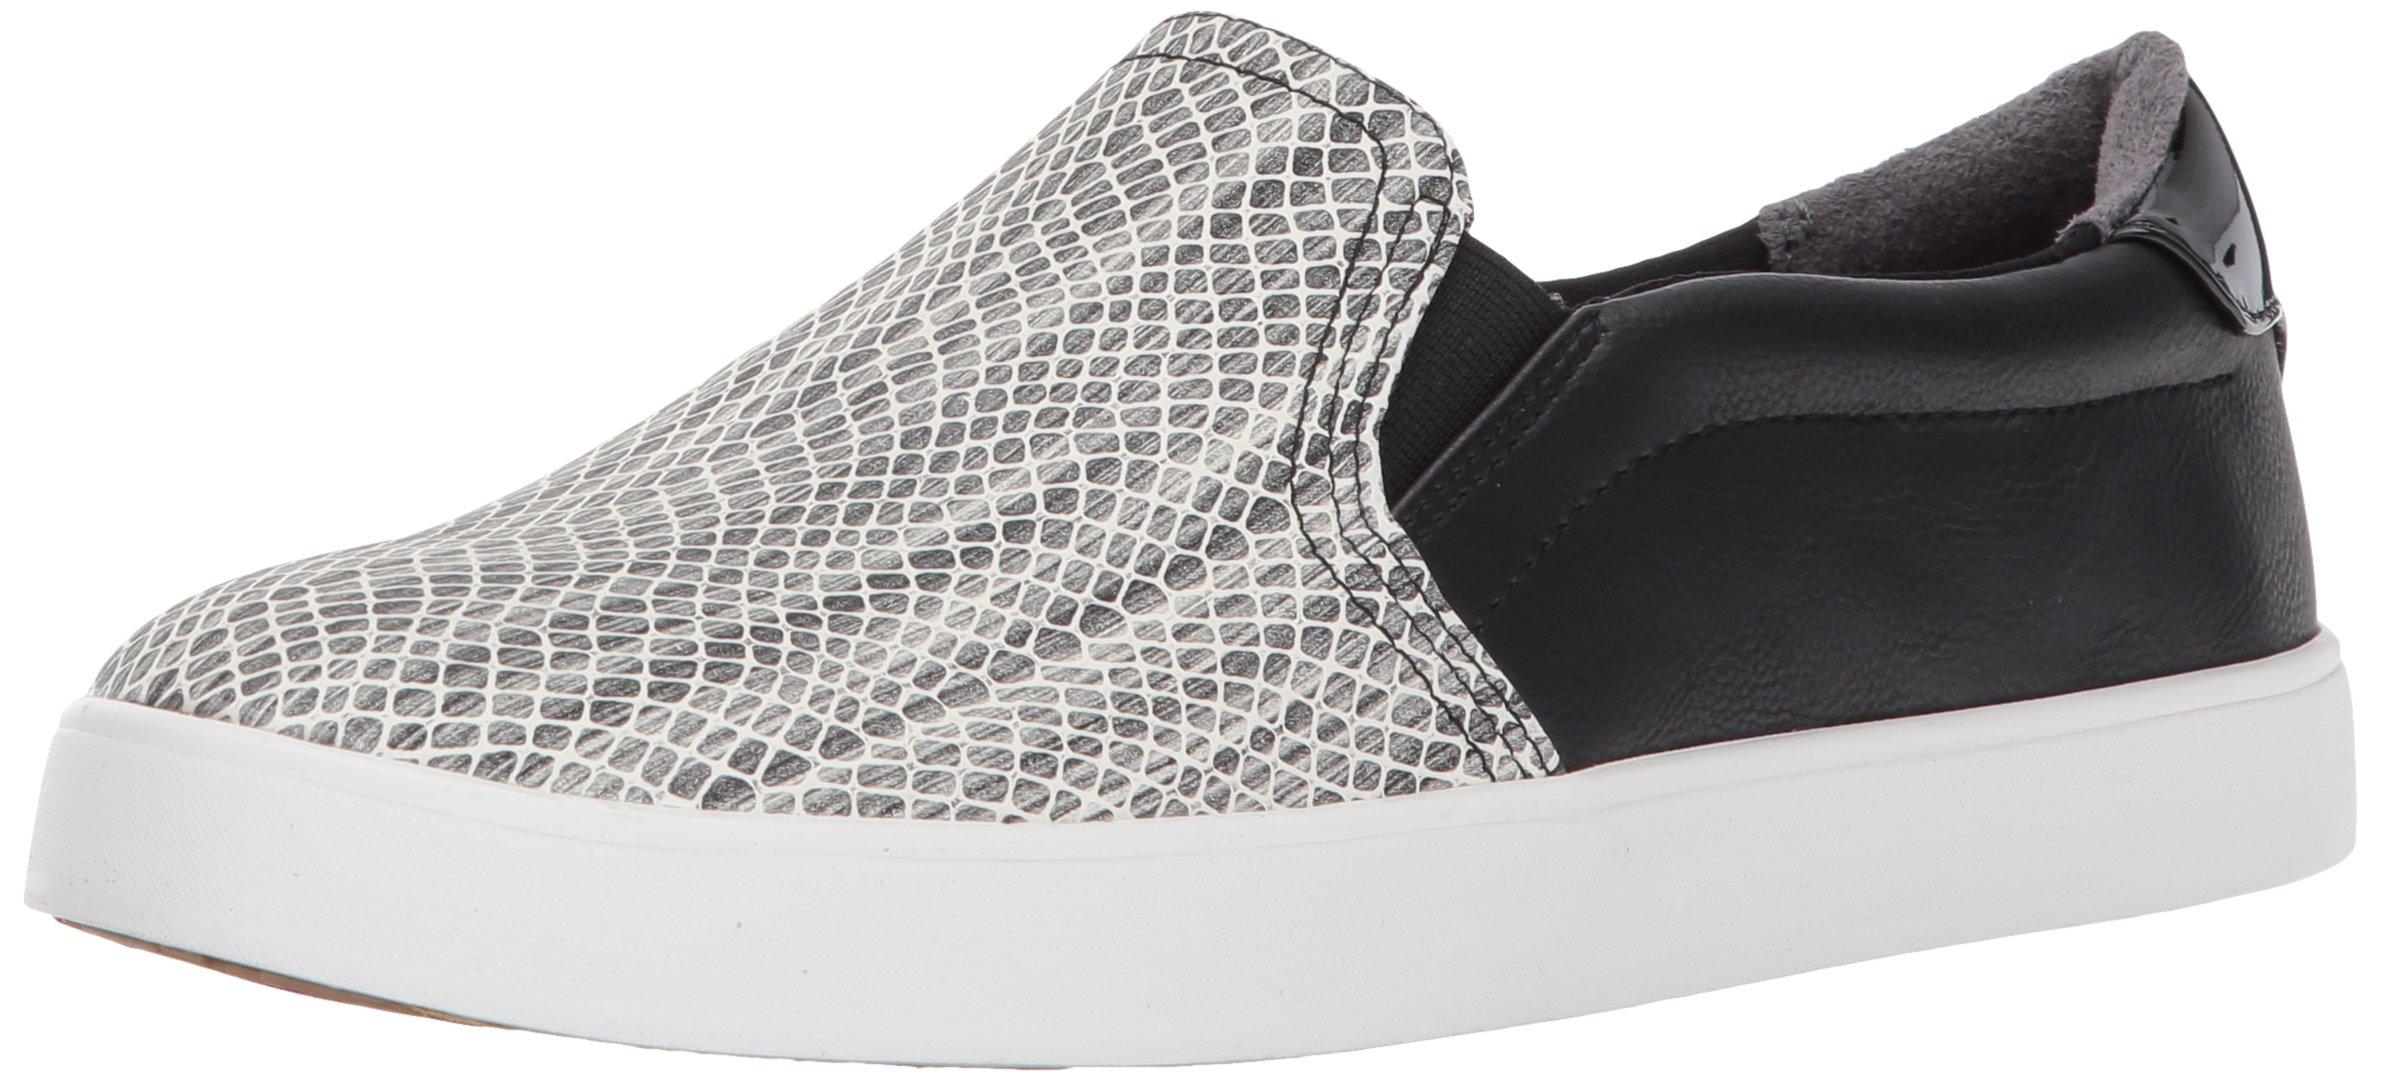 Dr. Scholl's Shoes Women's Snake Print Fashion Sneaker, Black/White, 6